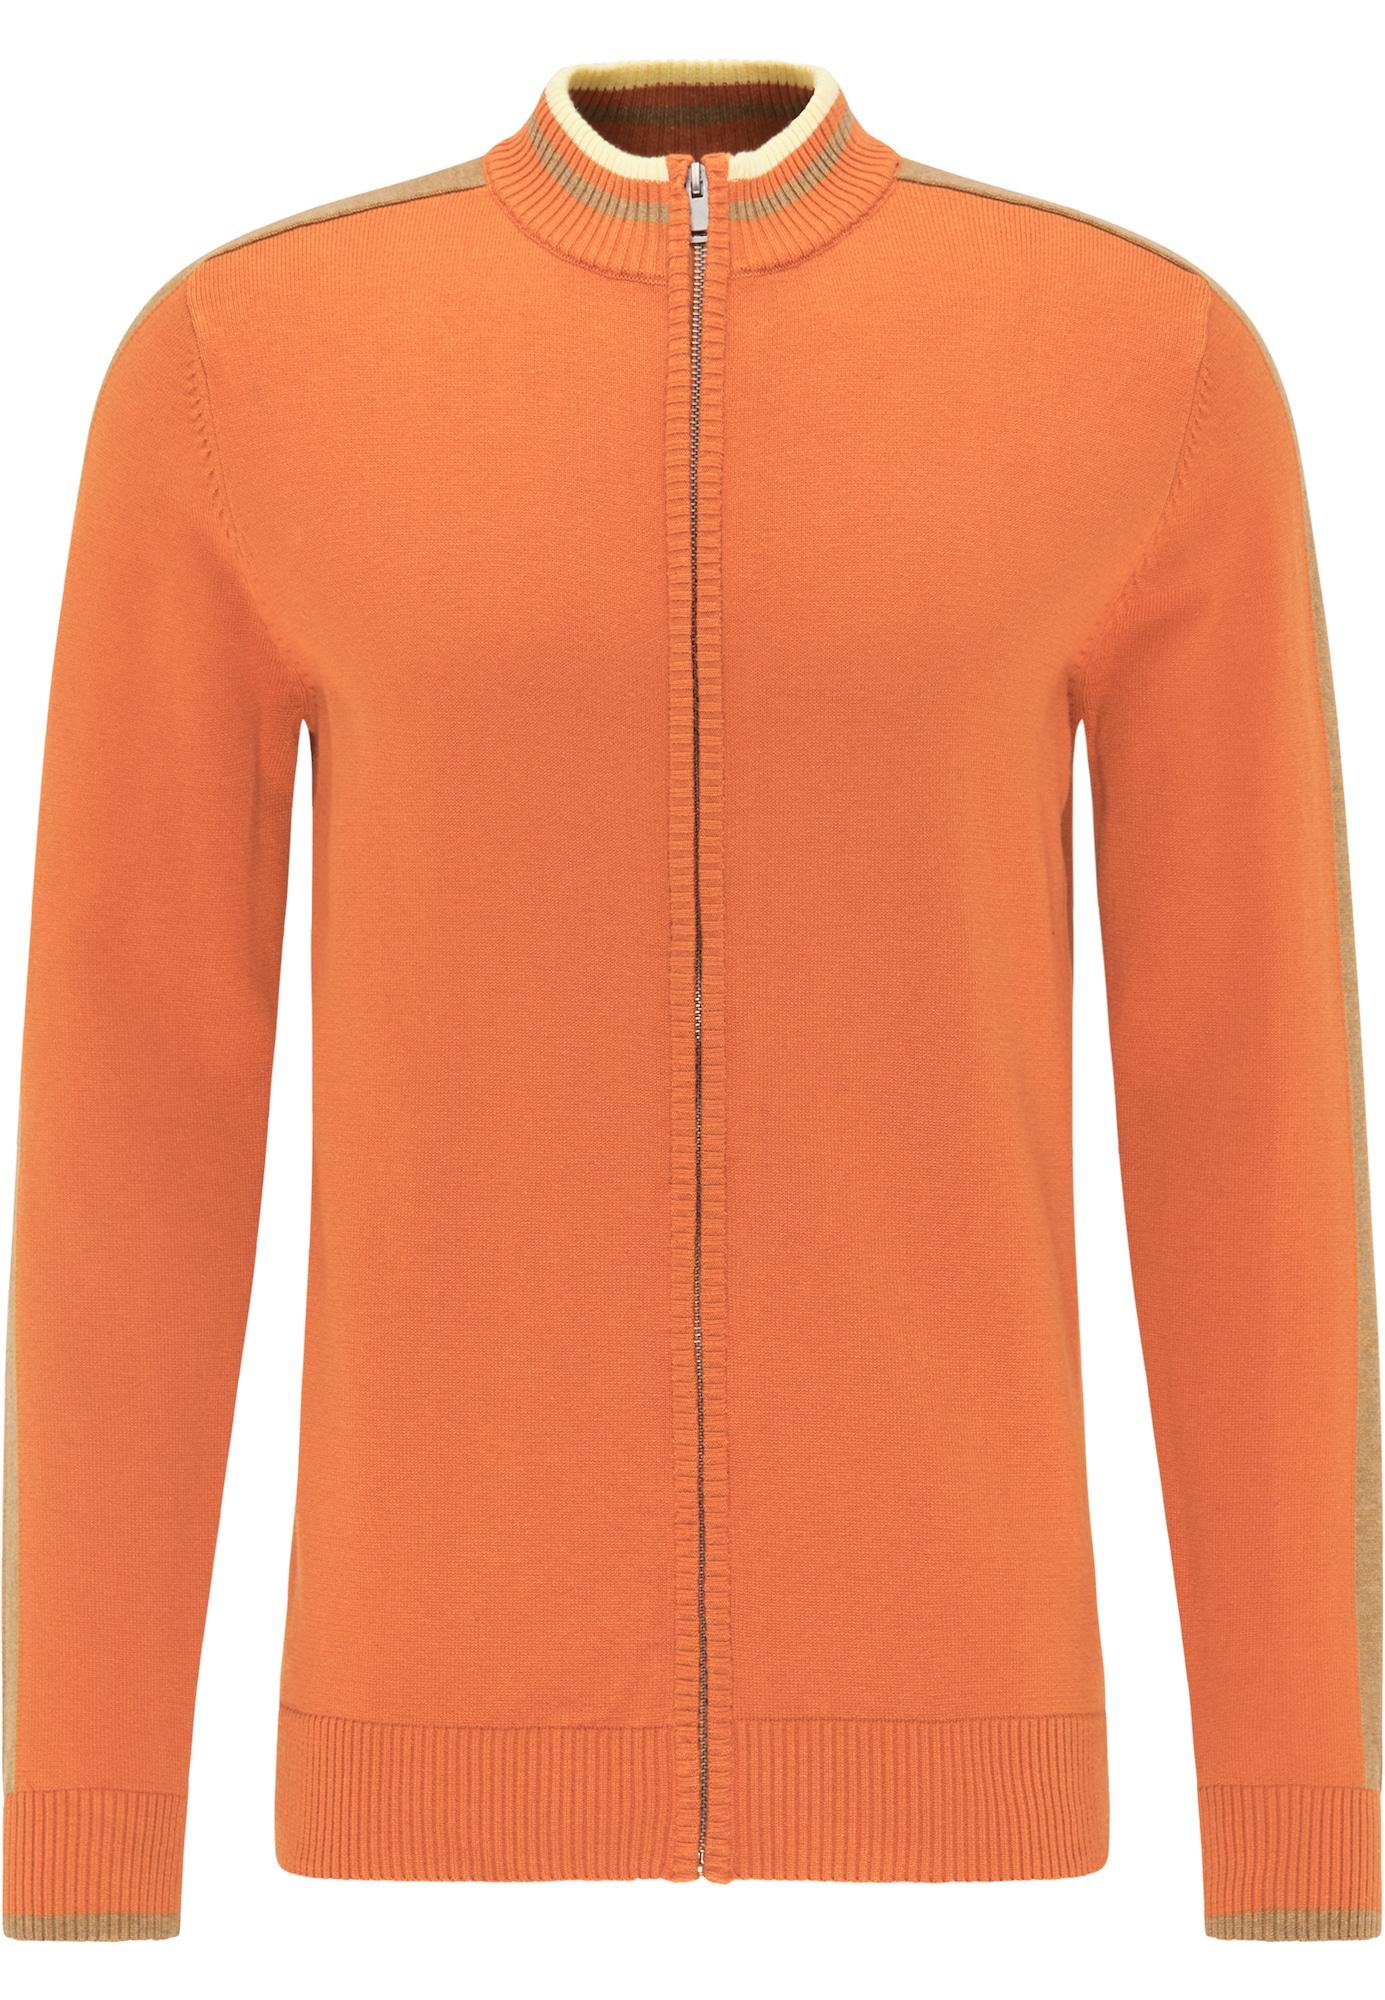 MO Kardiganas oranžinė / šviesiai geltona / šviesiai ruda